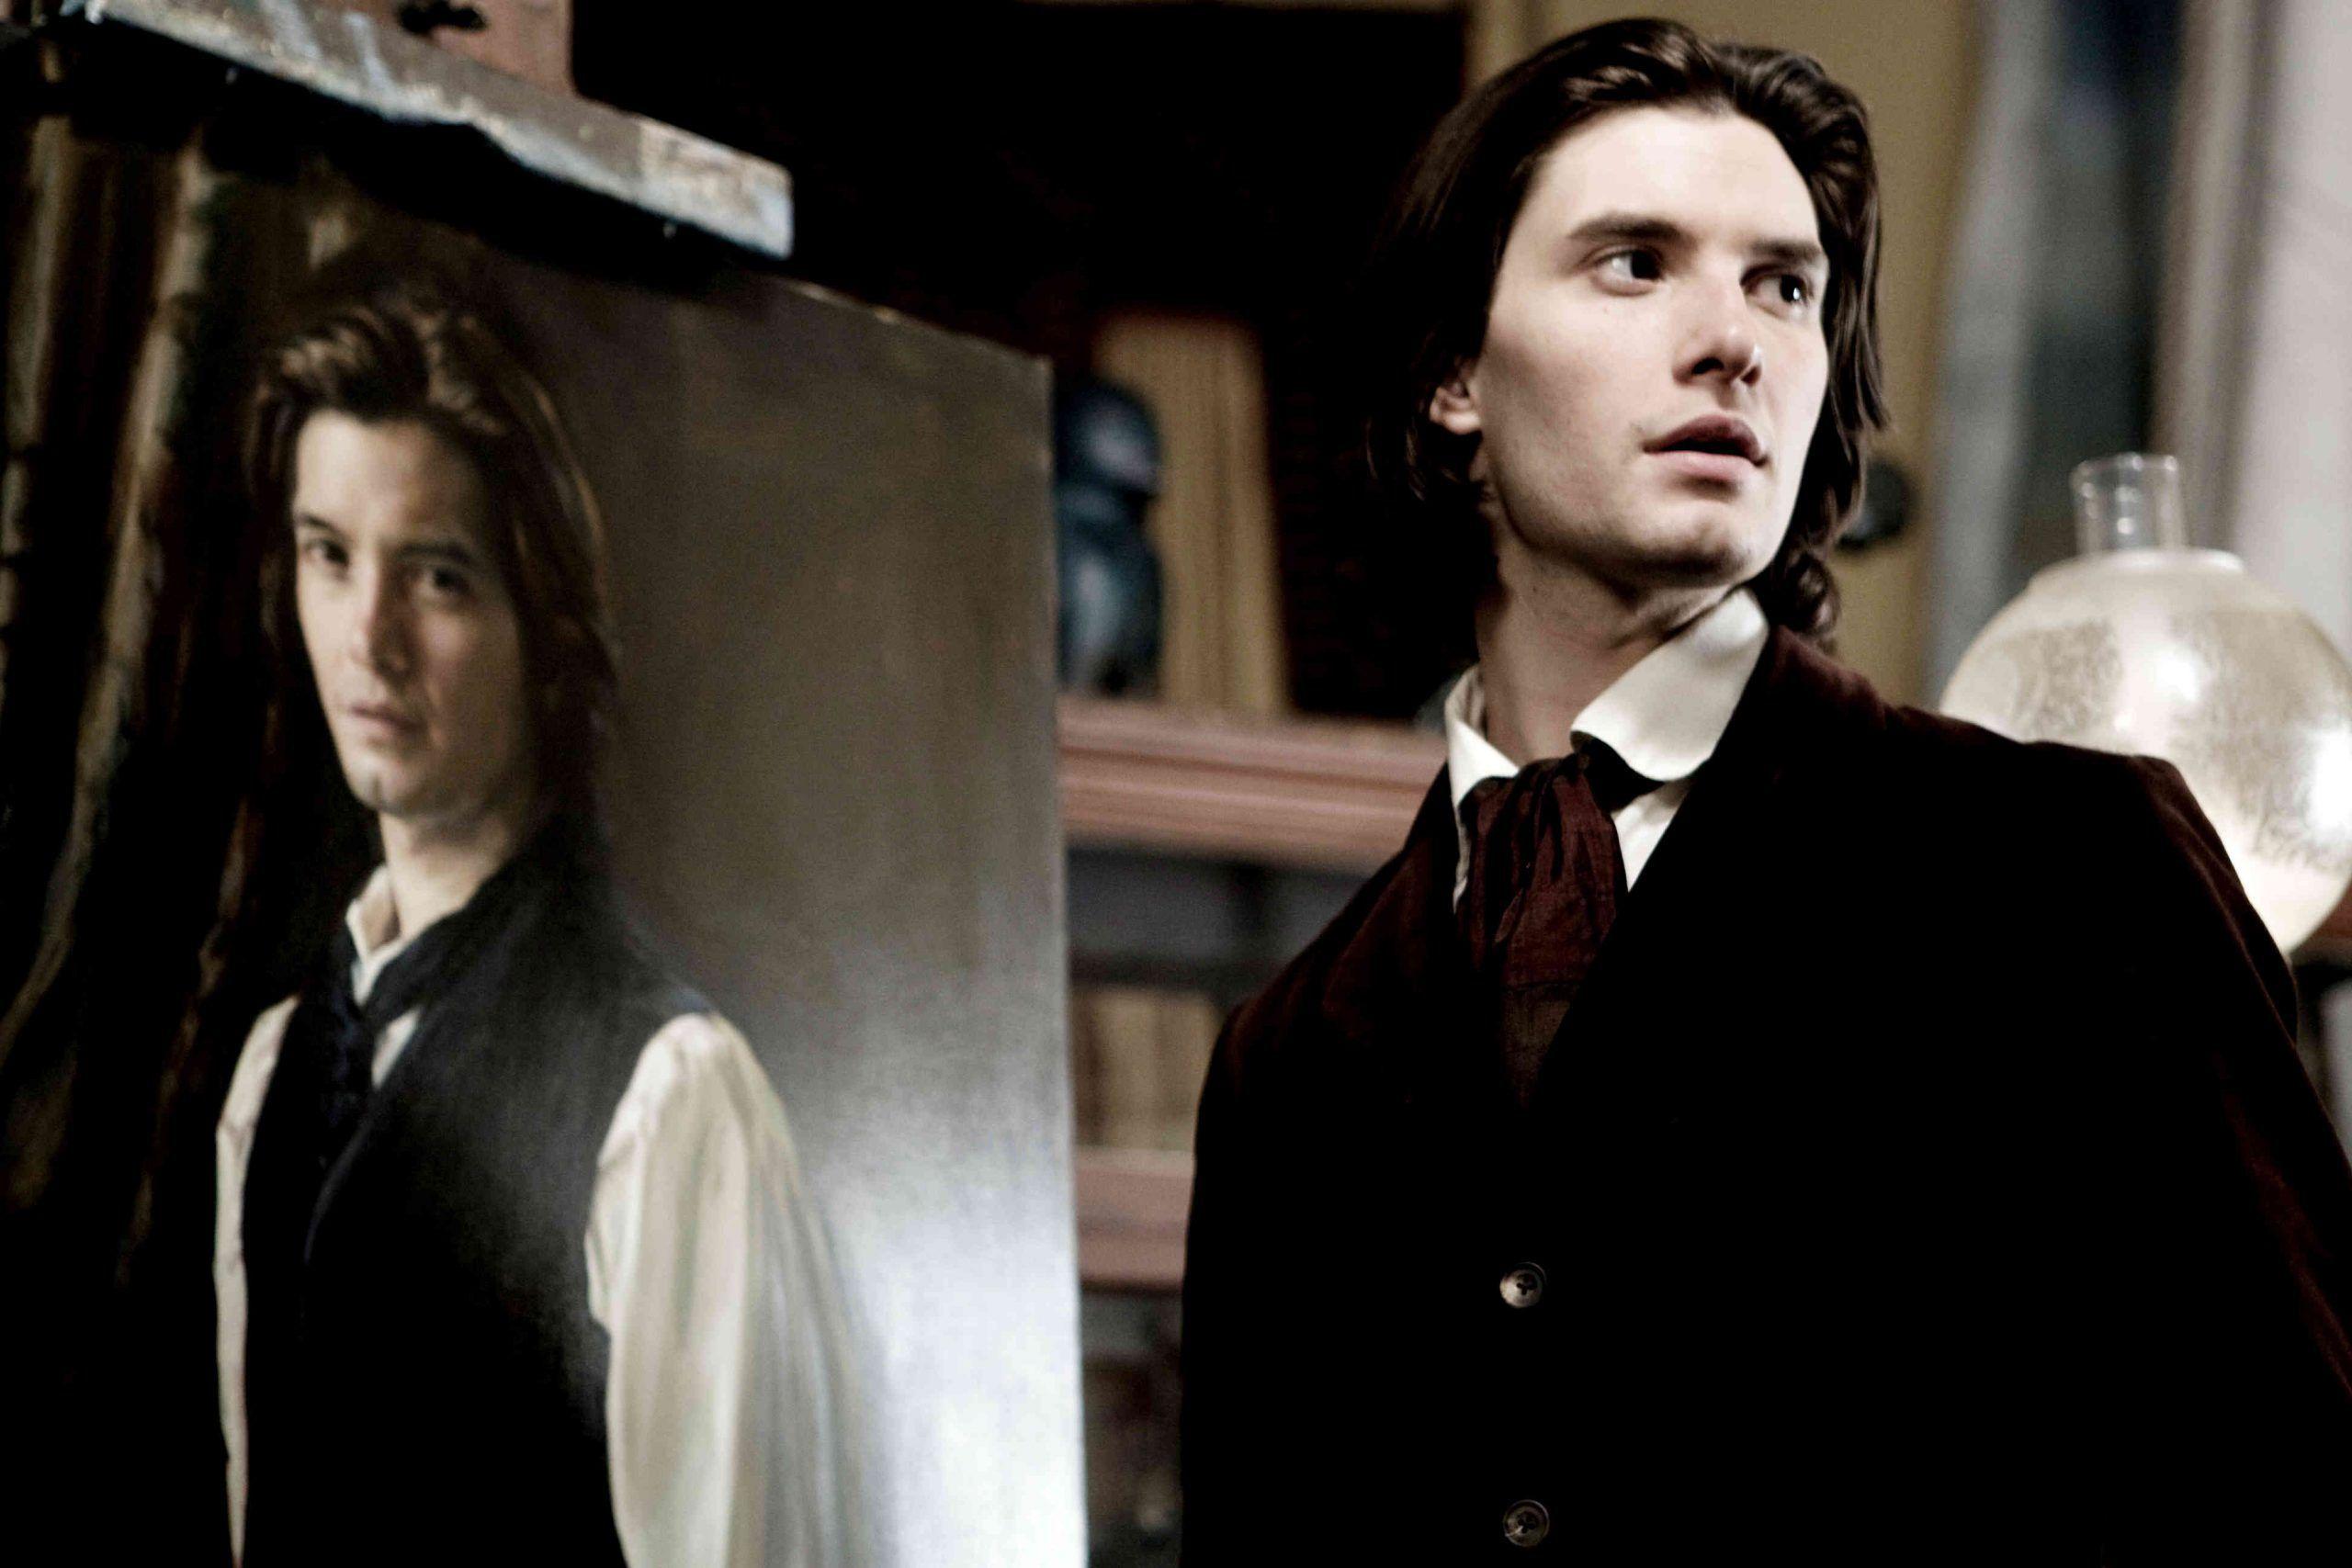 Riassunto de Il ritratto di Dorian Gray, il romanzo del 1890 di Oscar Wilde